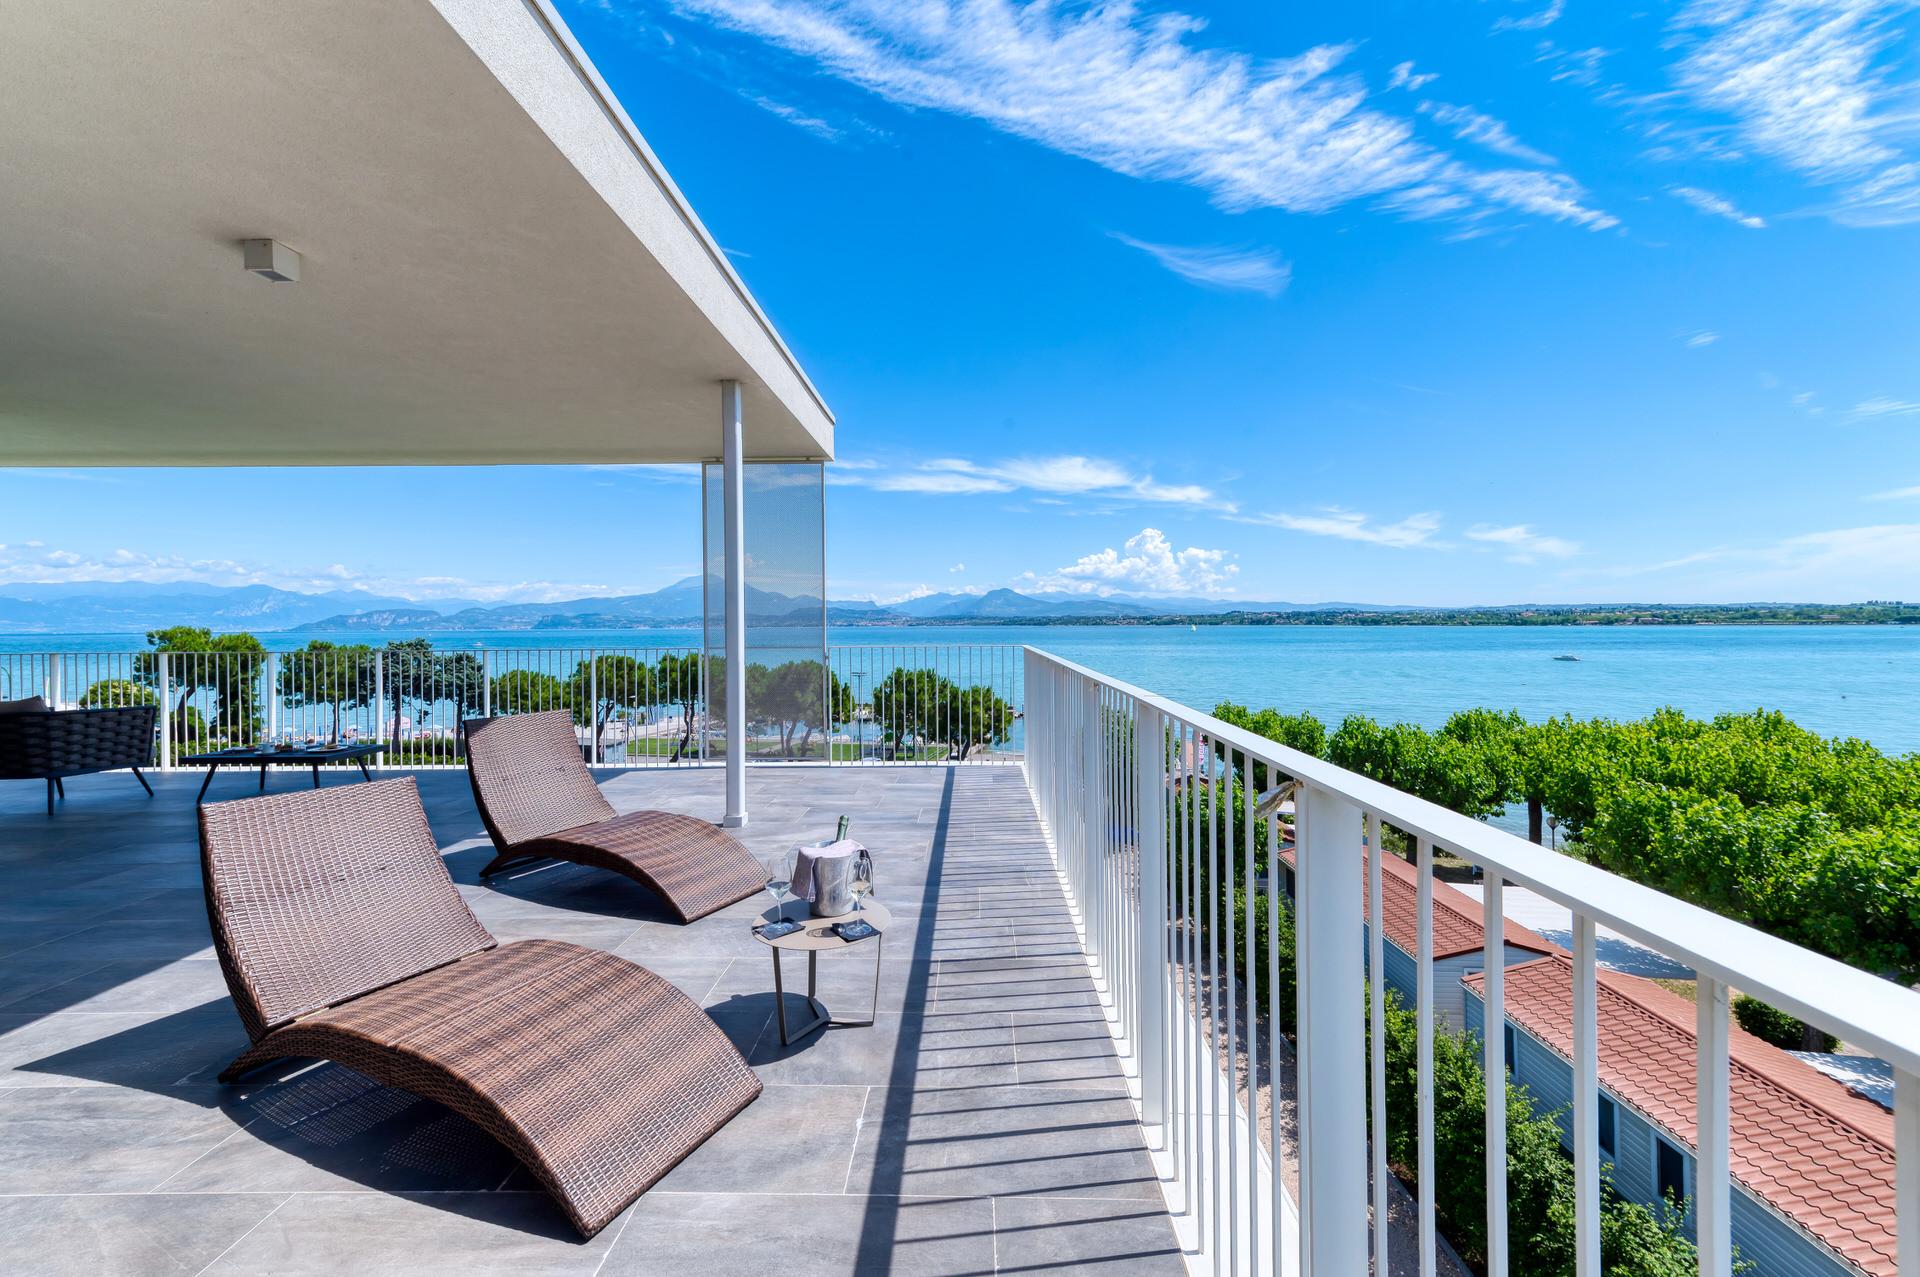 servizio fotografico professionale terrazzo panorama suite hotel lago garda